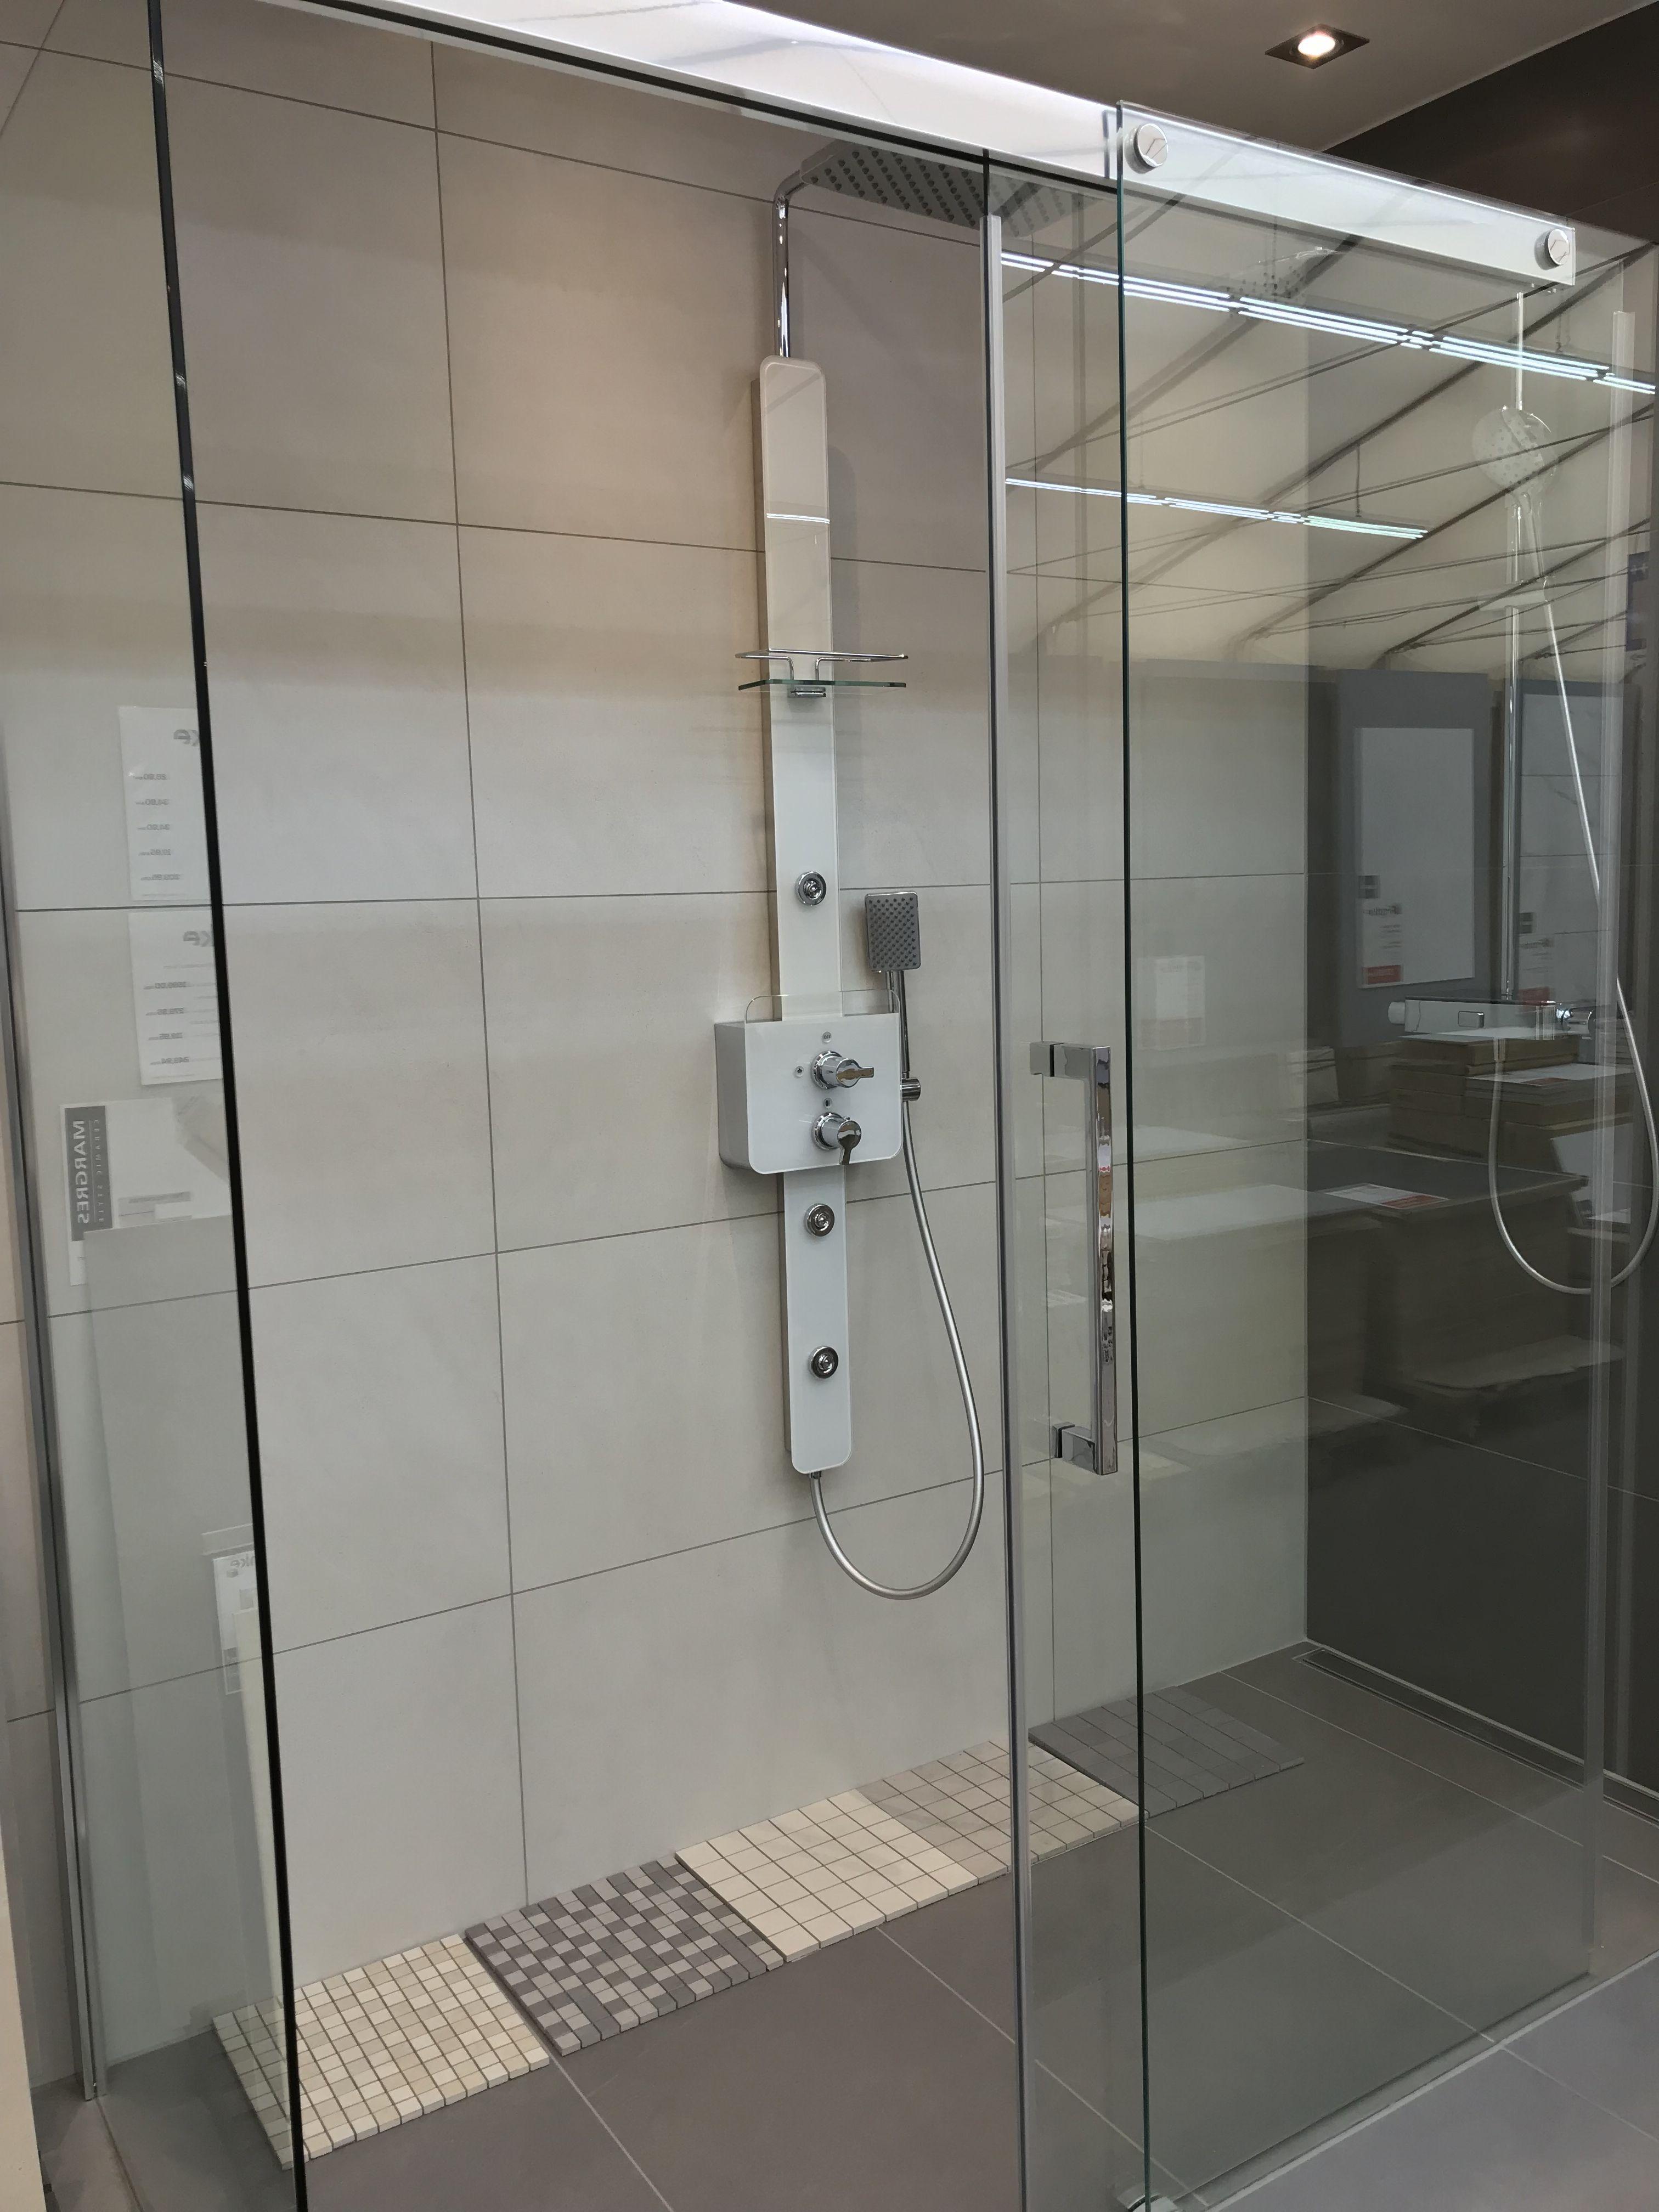 Wandfliesen gestalten bilder begehbare dusche schiebetür mit softclose in x cm dusche